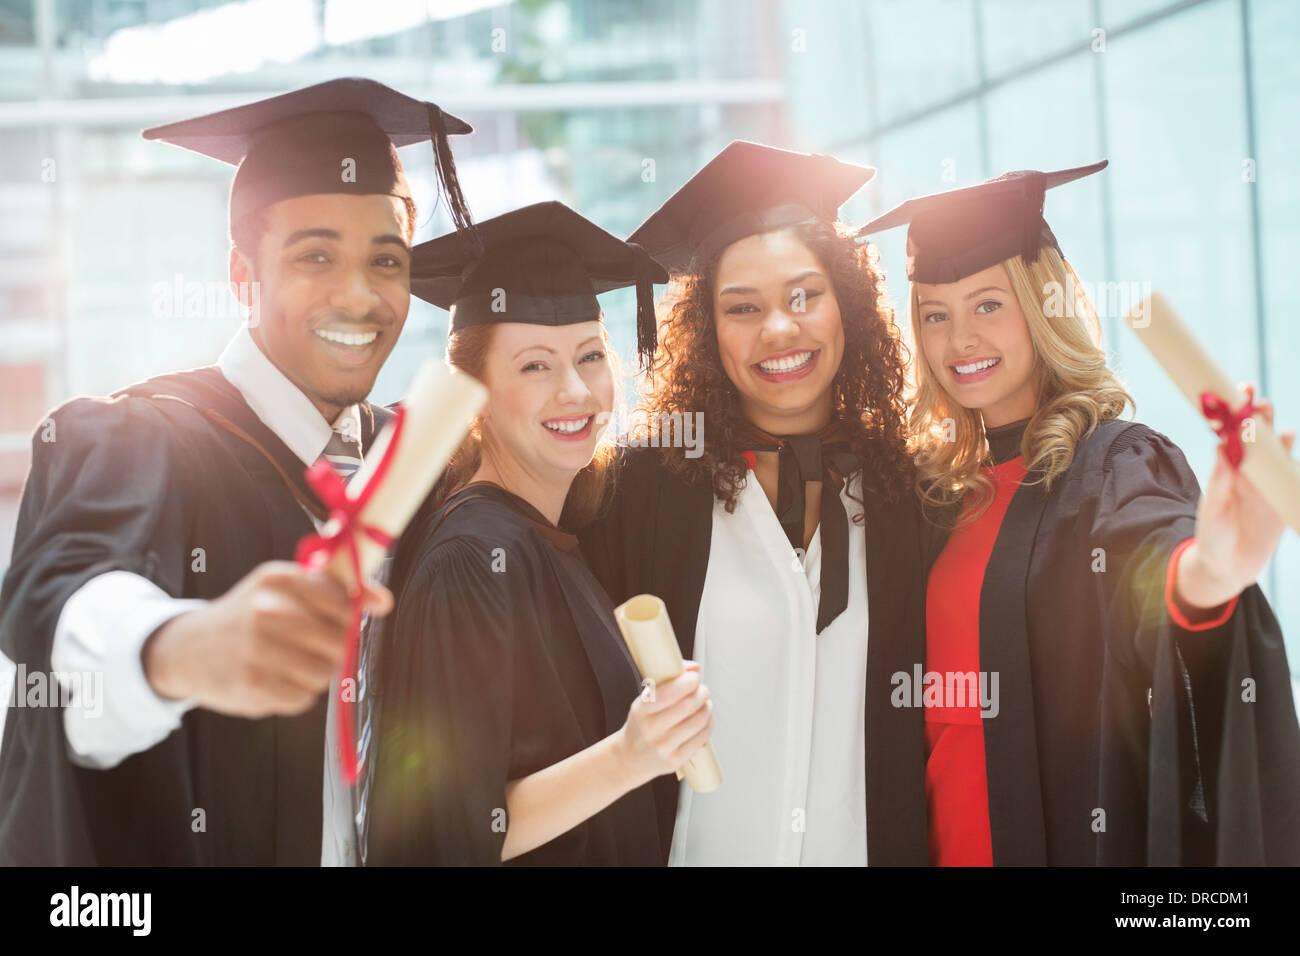 Souriant avec diplôme diplômés Photo Stock